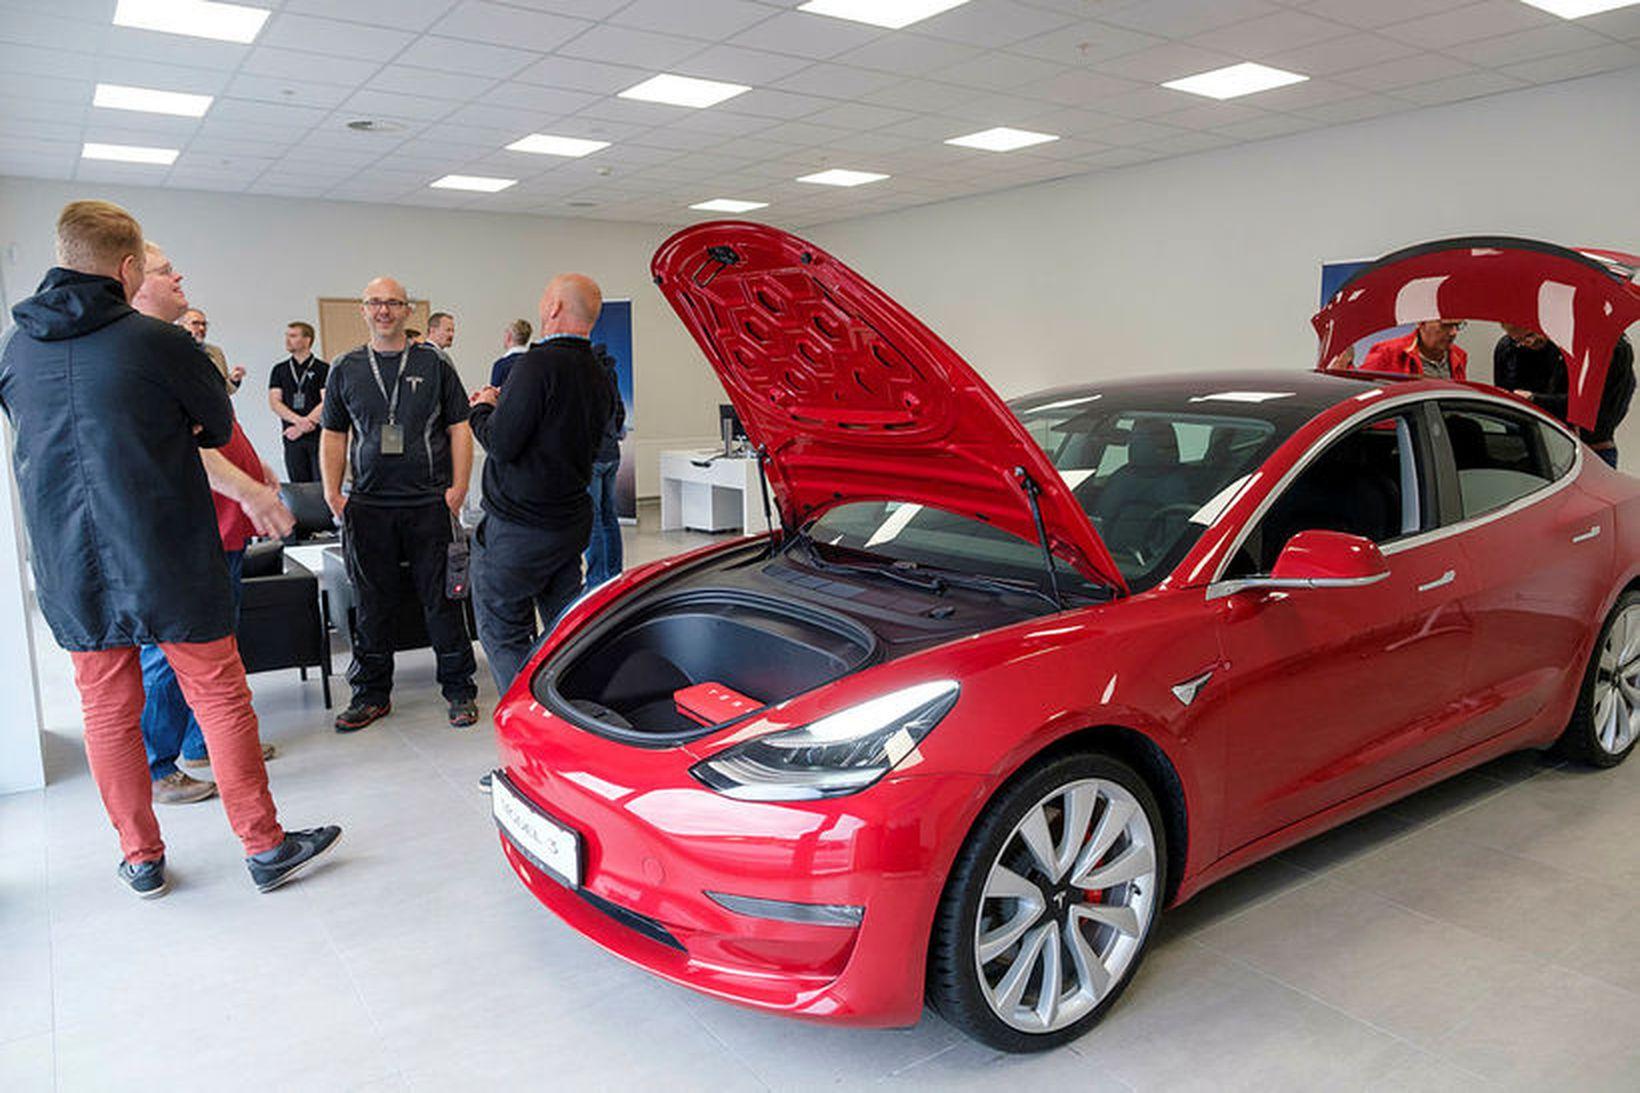 Tesla opnaði þjónustumiðstöð á Íslandi í morgun.